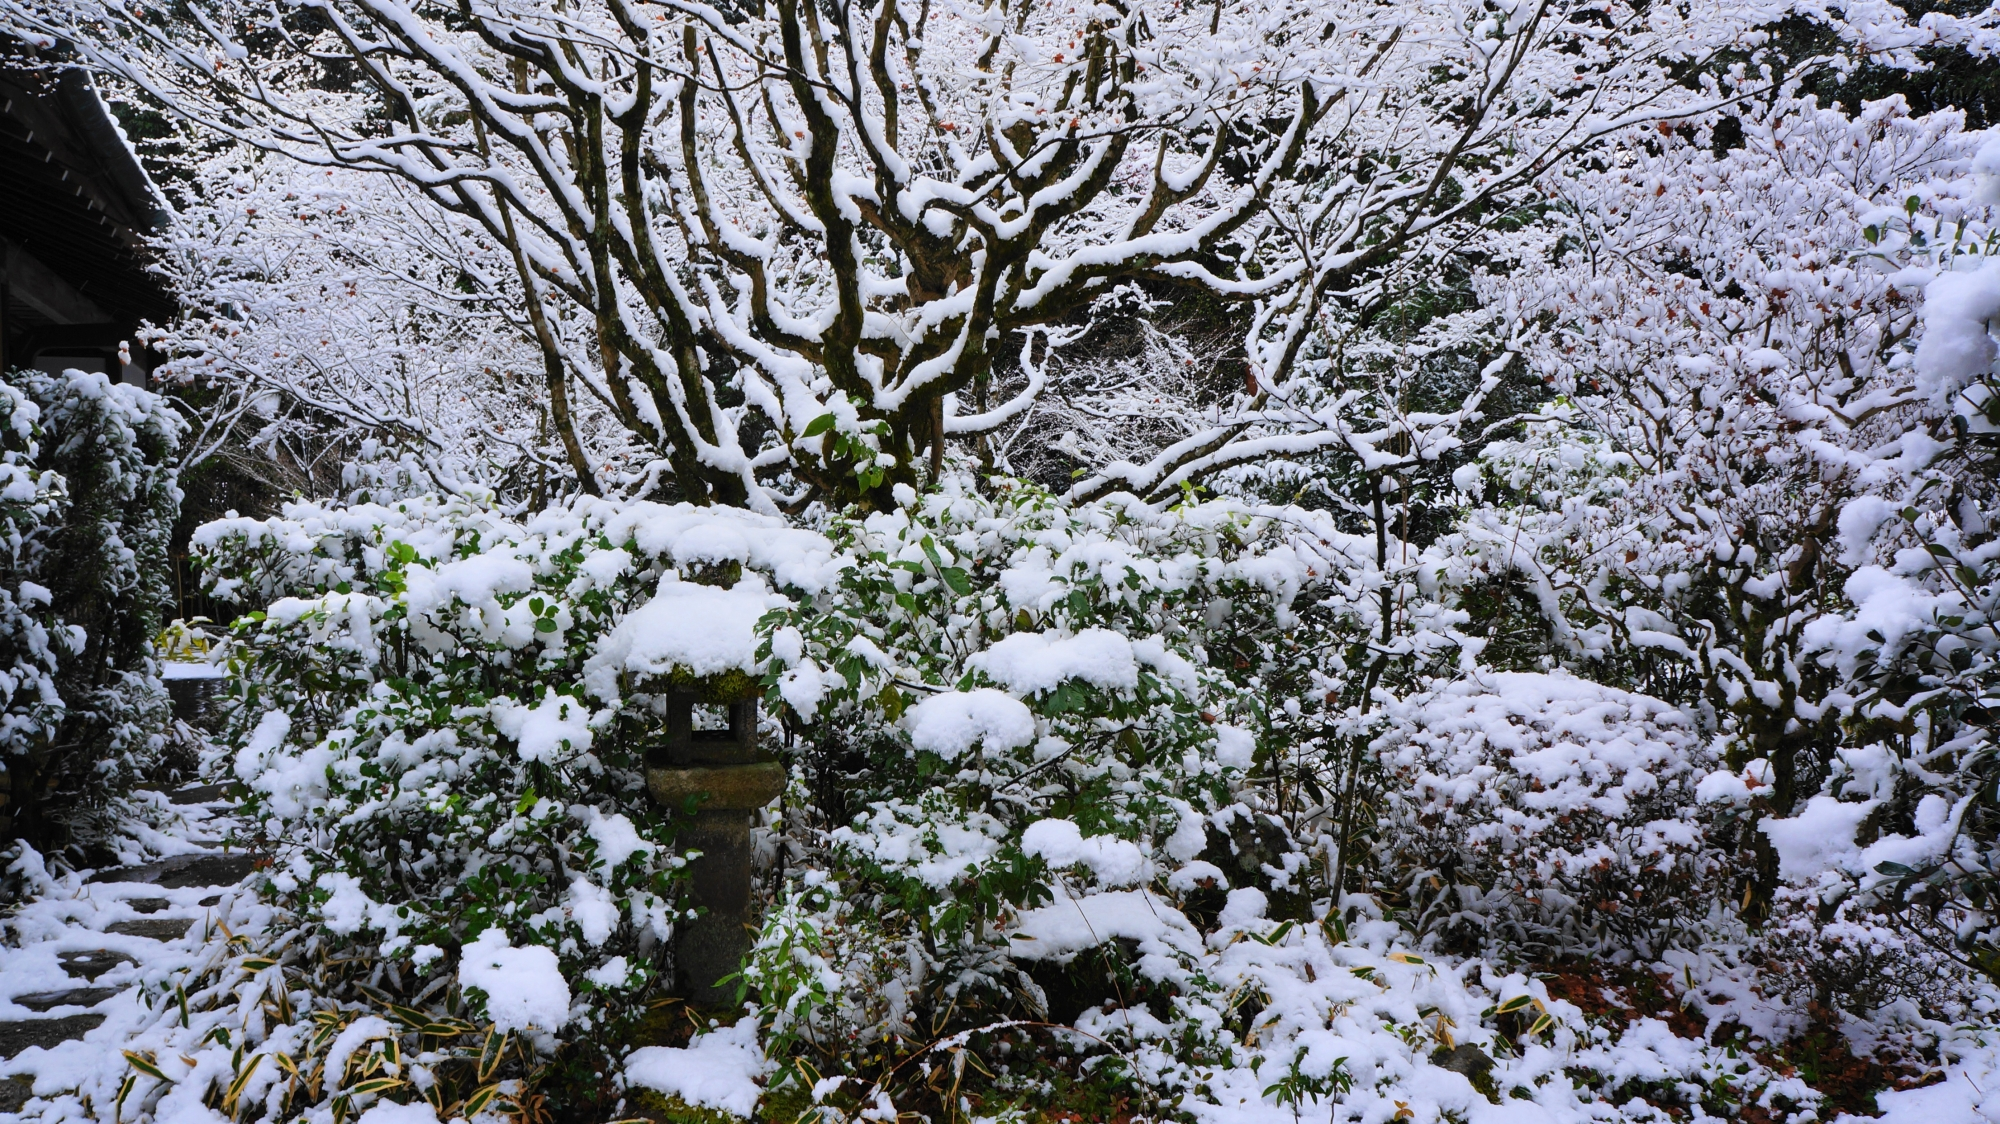 高桐院の自然の作り出す芸術的な雪景色